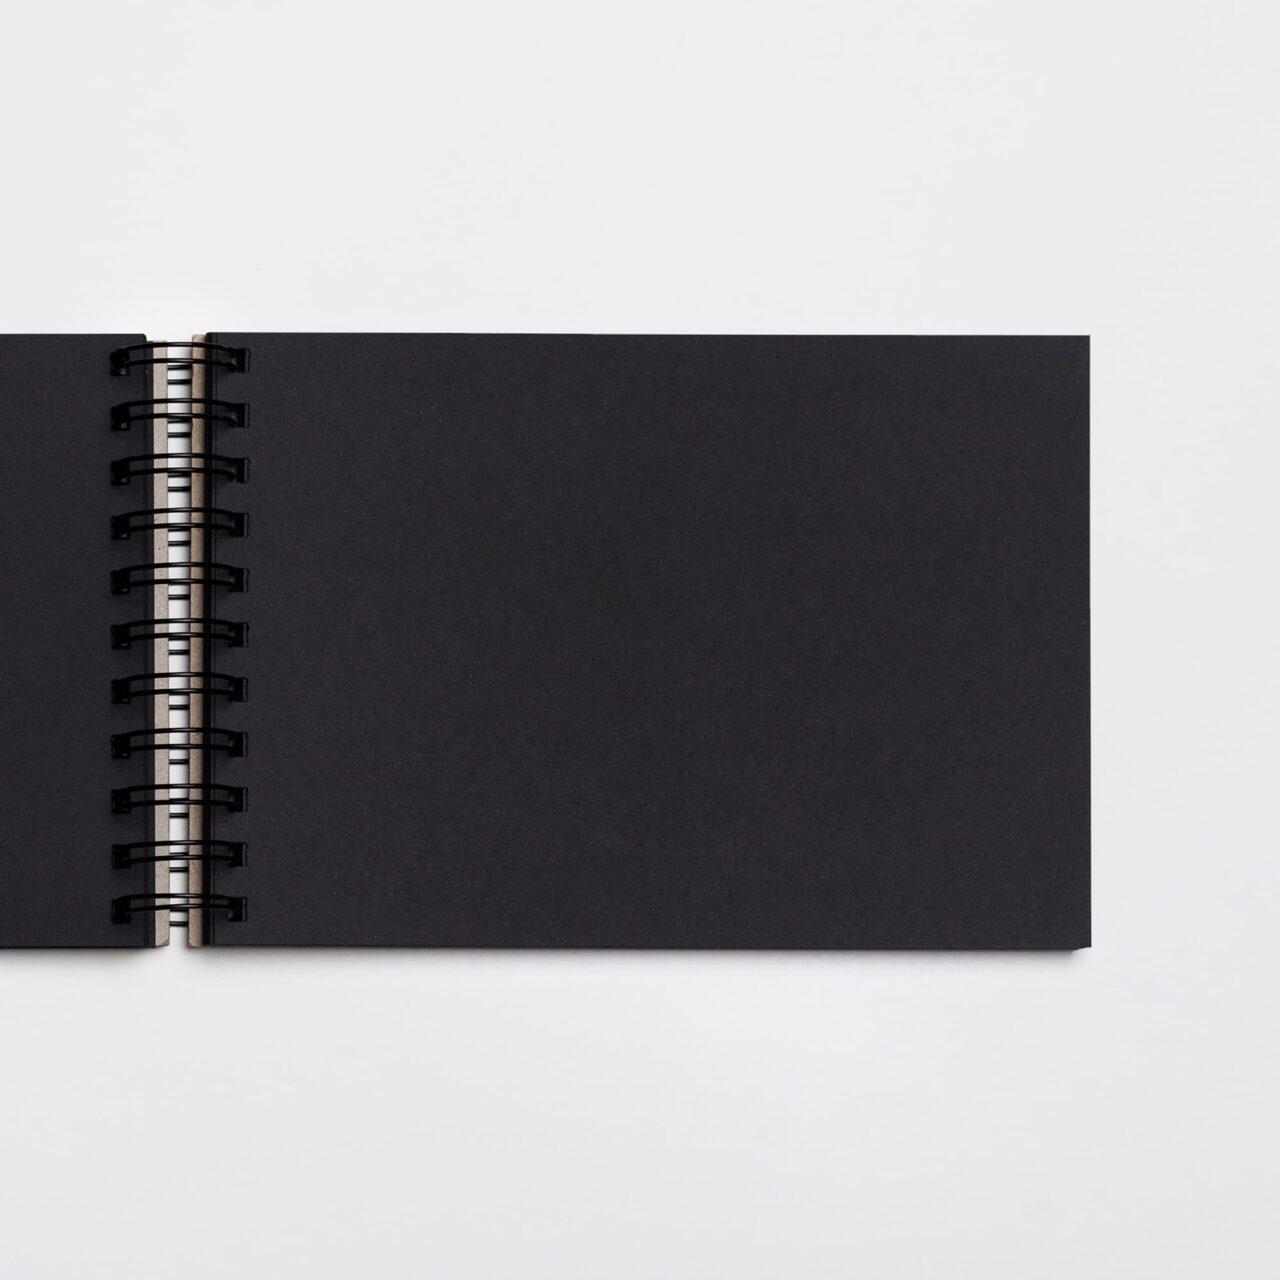 Скетчбук Falafel для графики с черной бумагой A5, 160 г/м², 62л